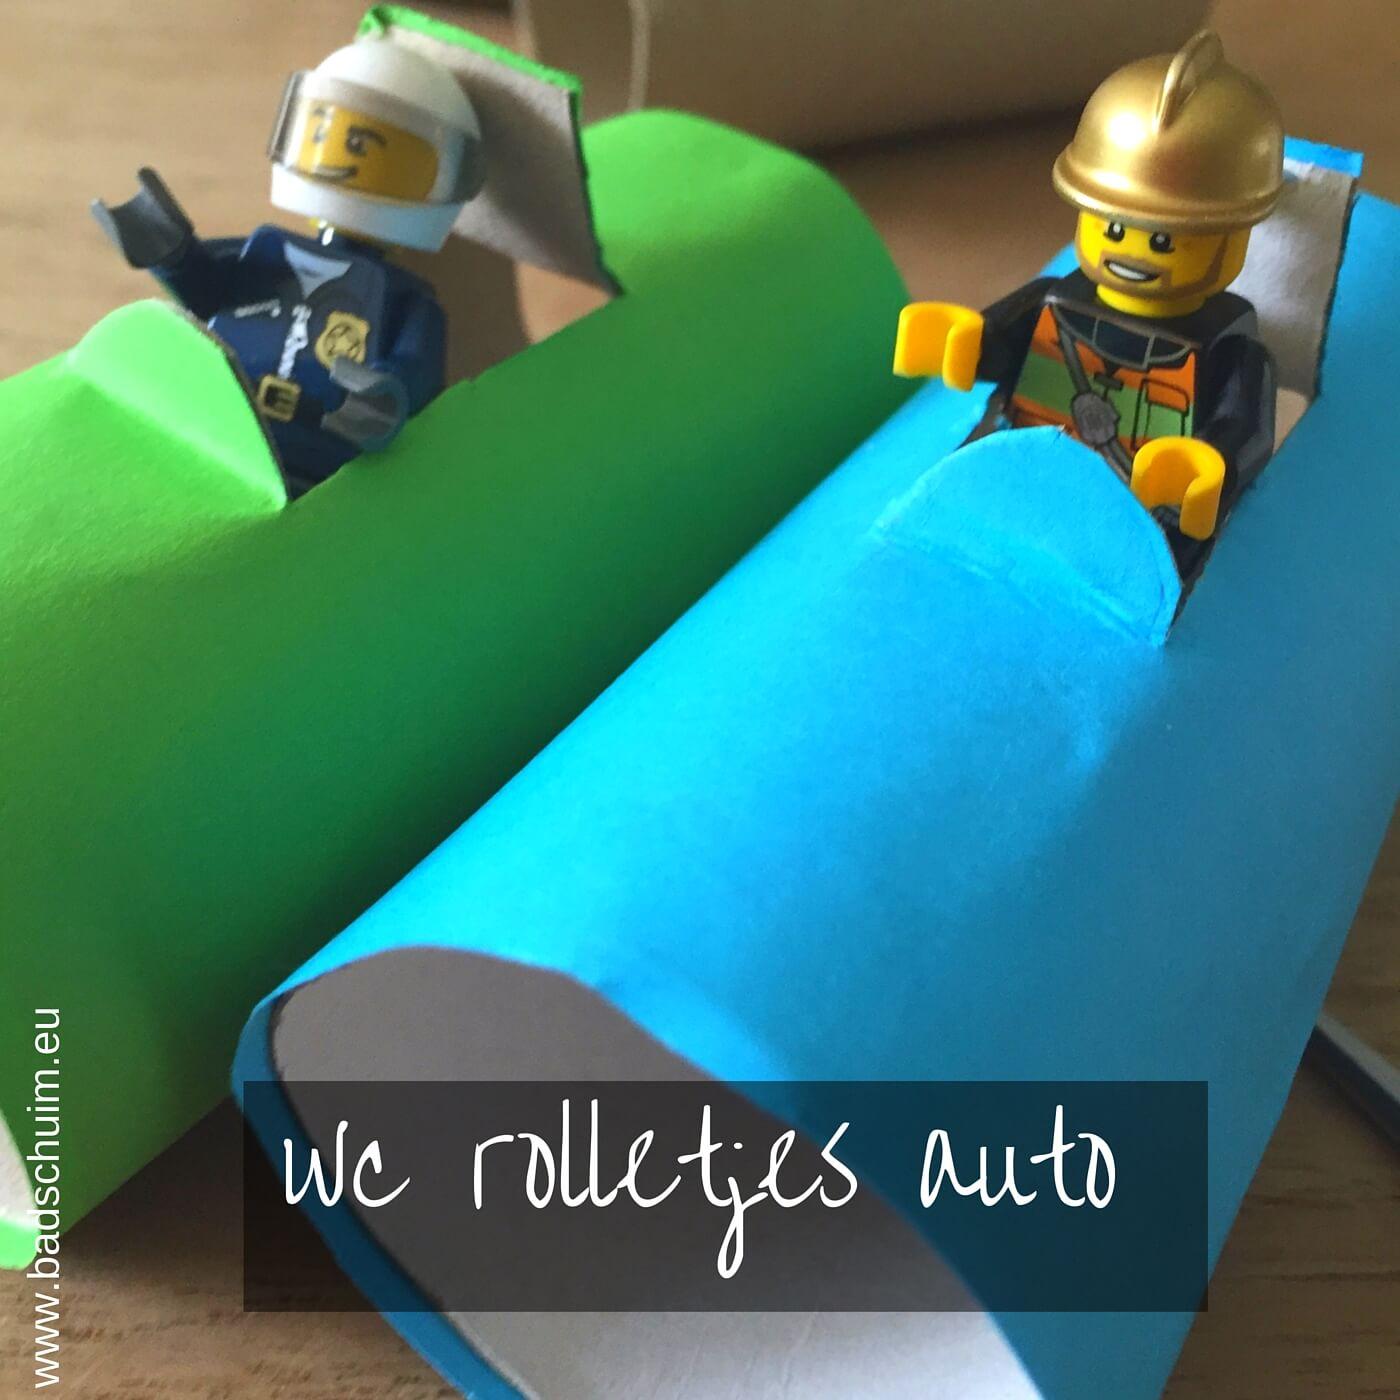 Wc rolletjes auto I gemaakt door het creatief lifestyle blog Badschuim